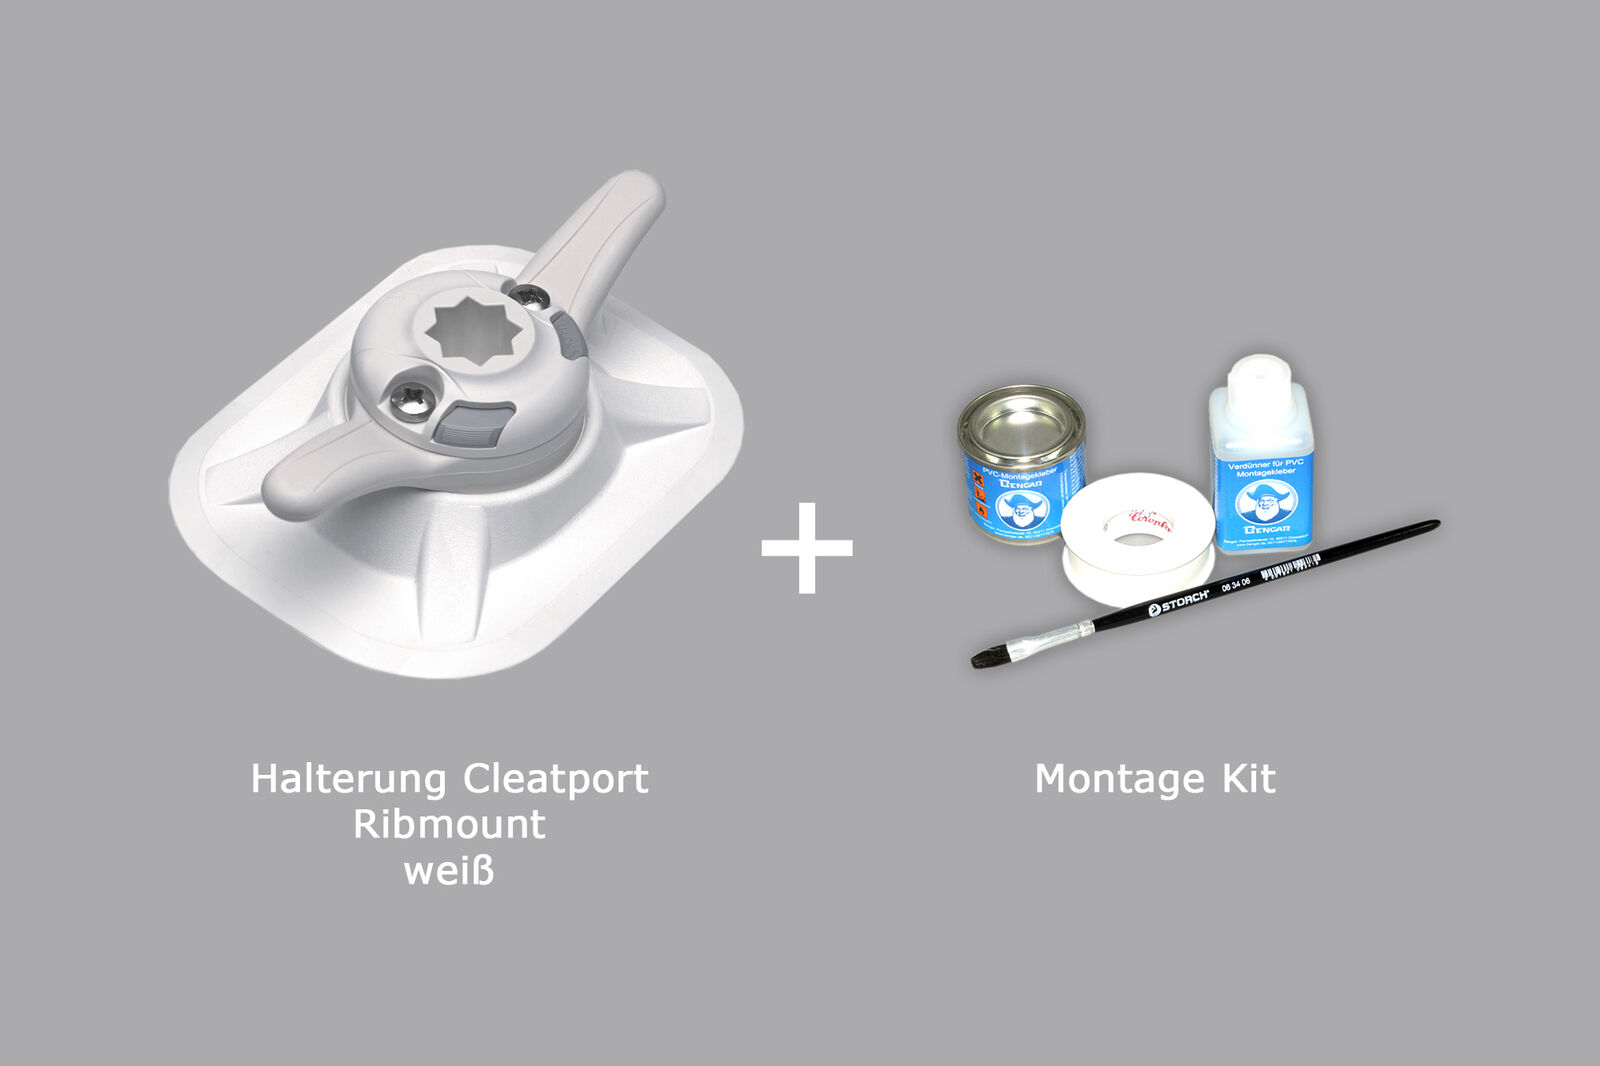 Set: Railblaza Cleatport Ribmount Halterung und Kleber-Kit, (weiß) 03-0016-11